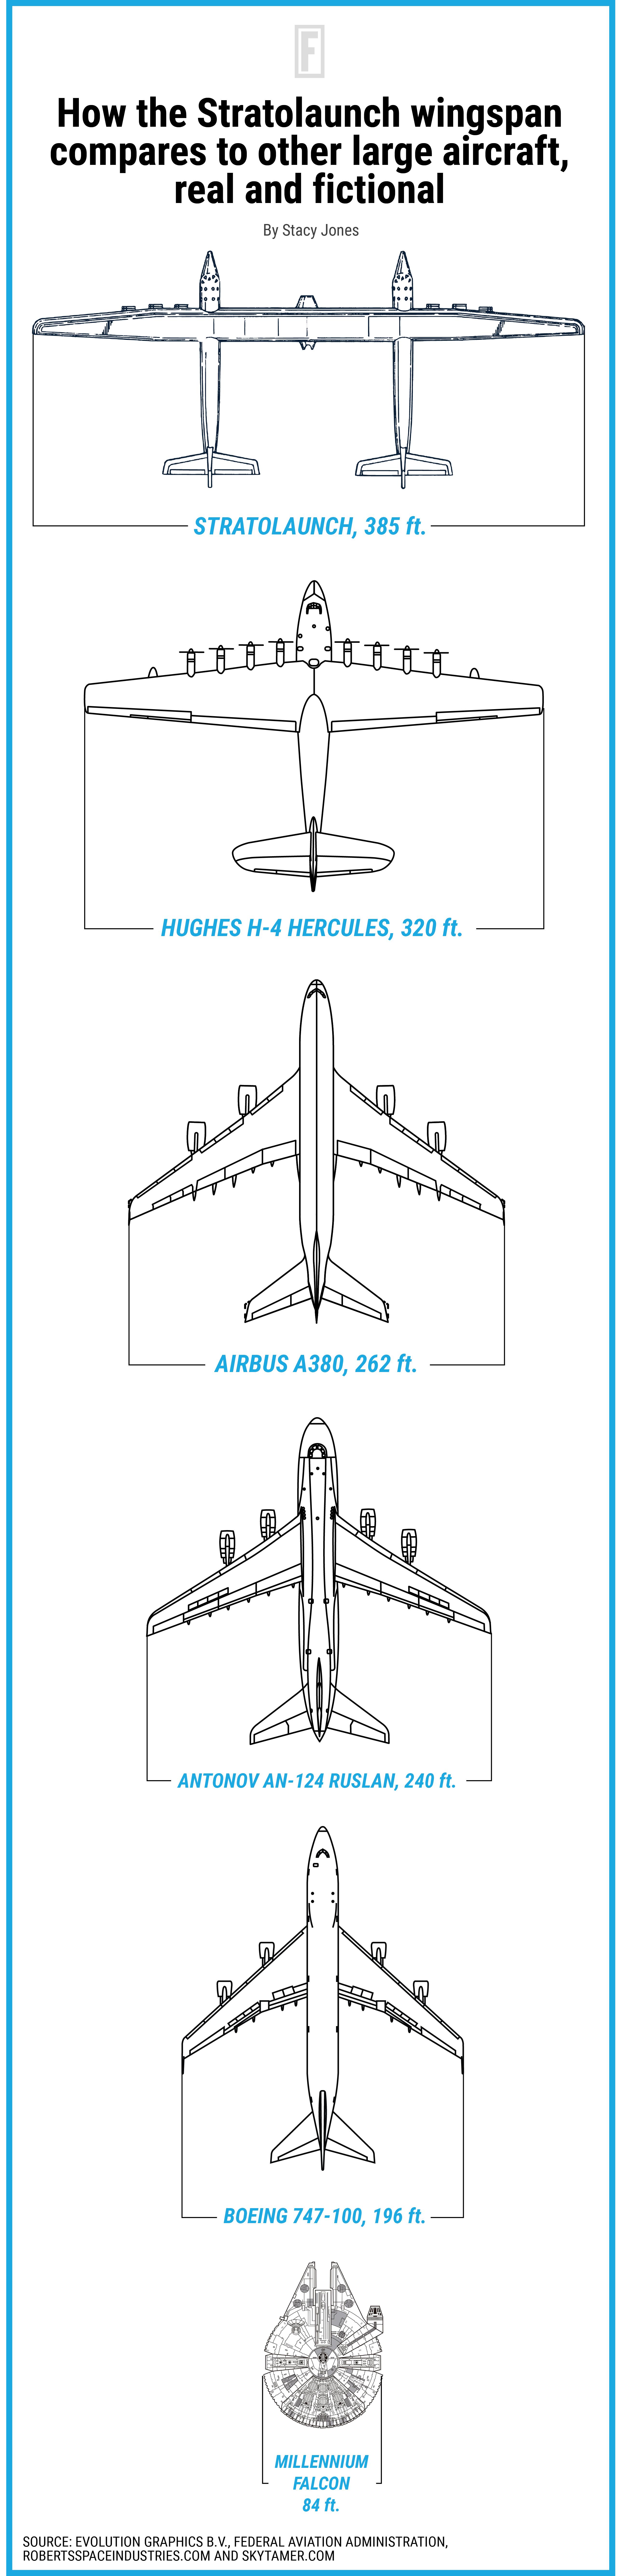 Stratolaunch, Hughes H-4 Hercules, Airbus A380, Antonov AN-124 Ruslan, Boeing 747-100, Millennium Falcon